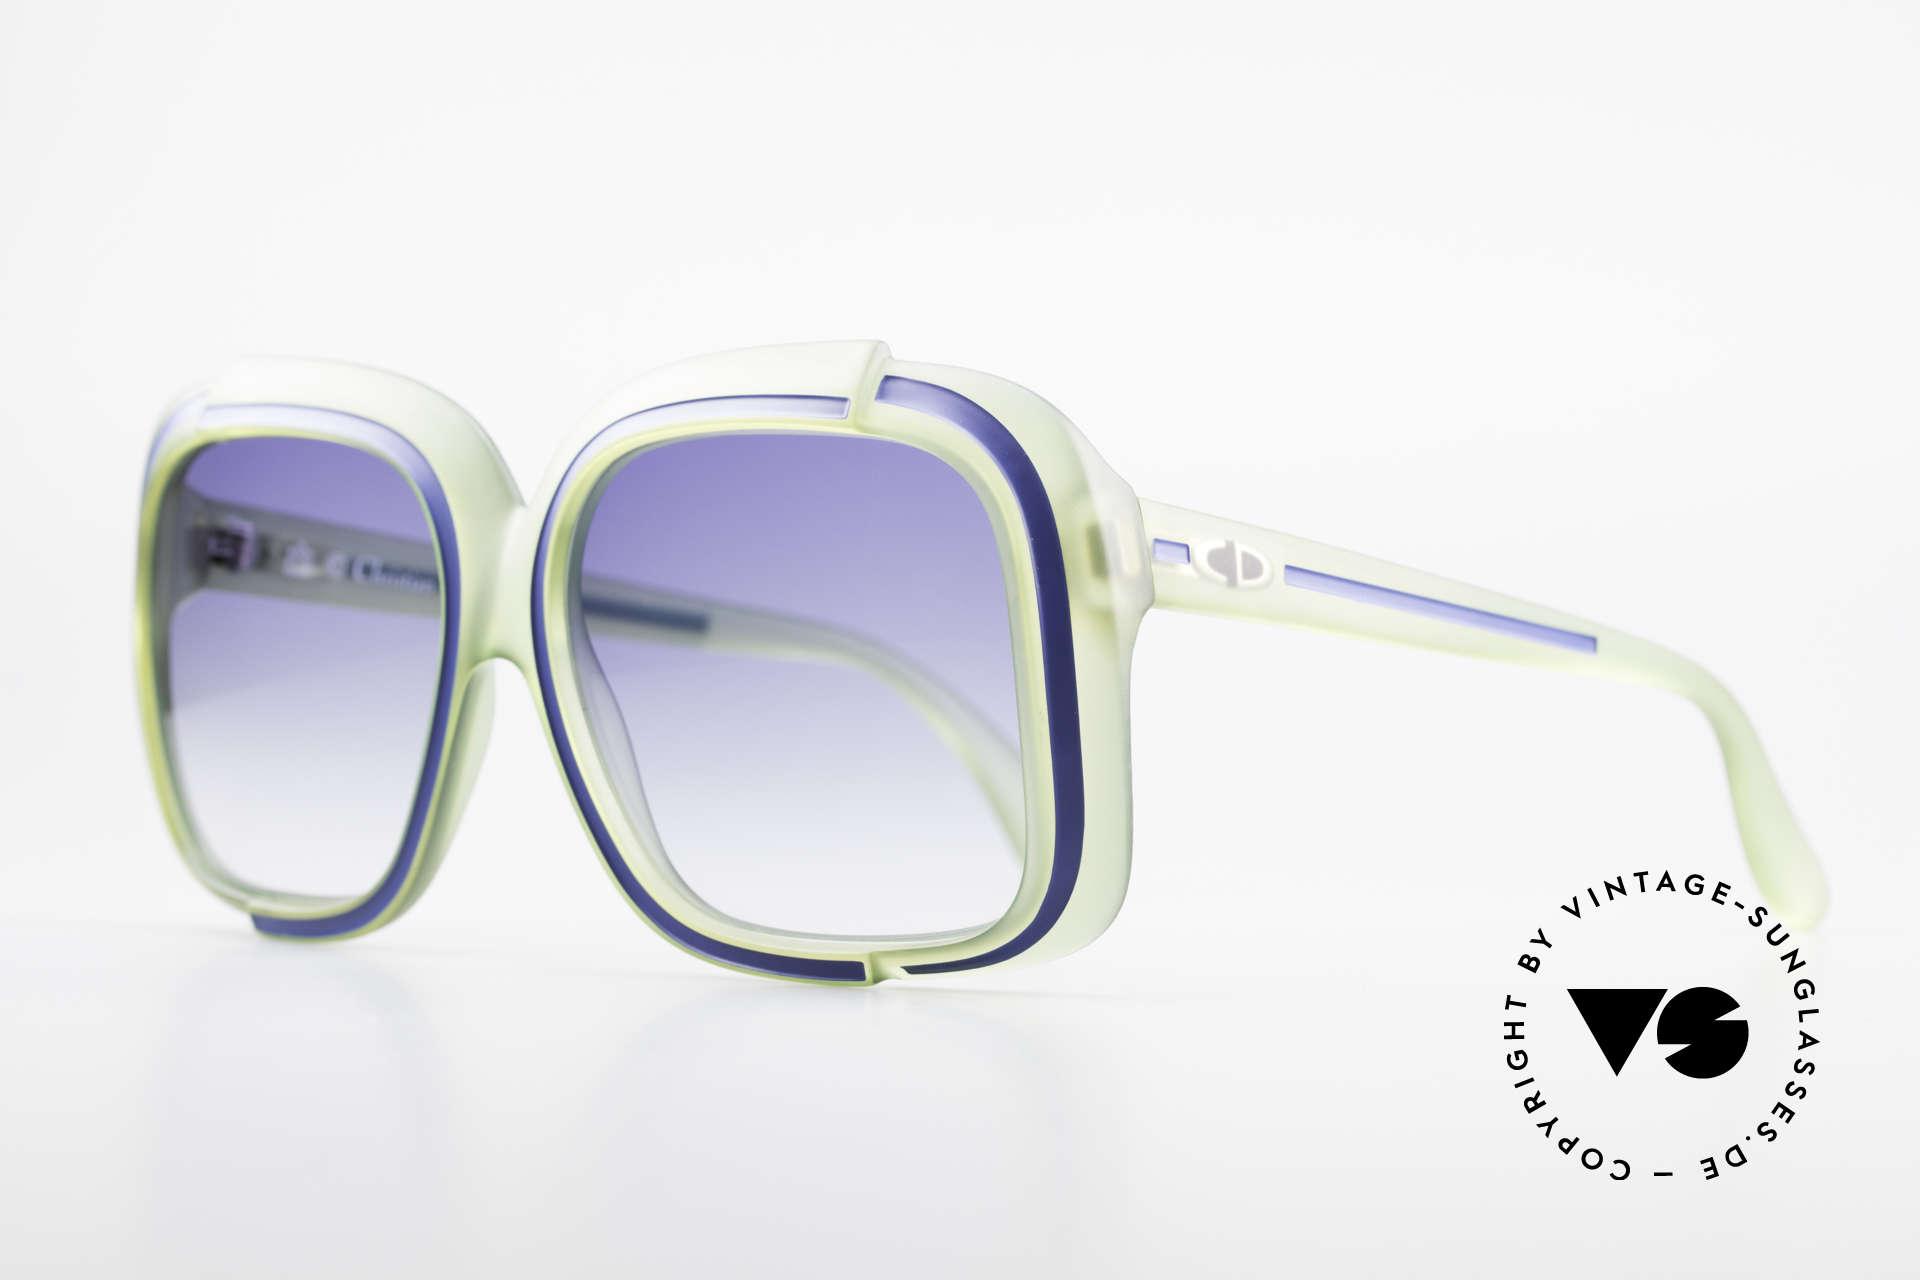 Christian Dior 2042 Vintage Sonnenbrille 1970er, eine wahre Rarität und inzwischen ein Sammlerstück, Passend für Damen